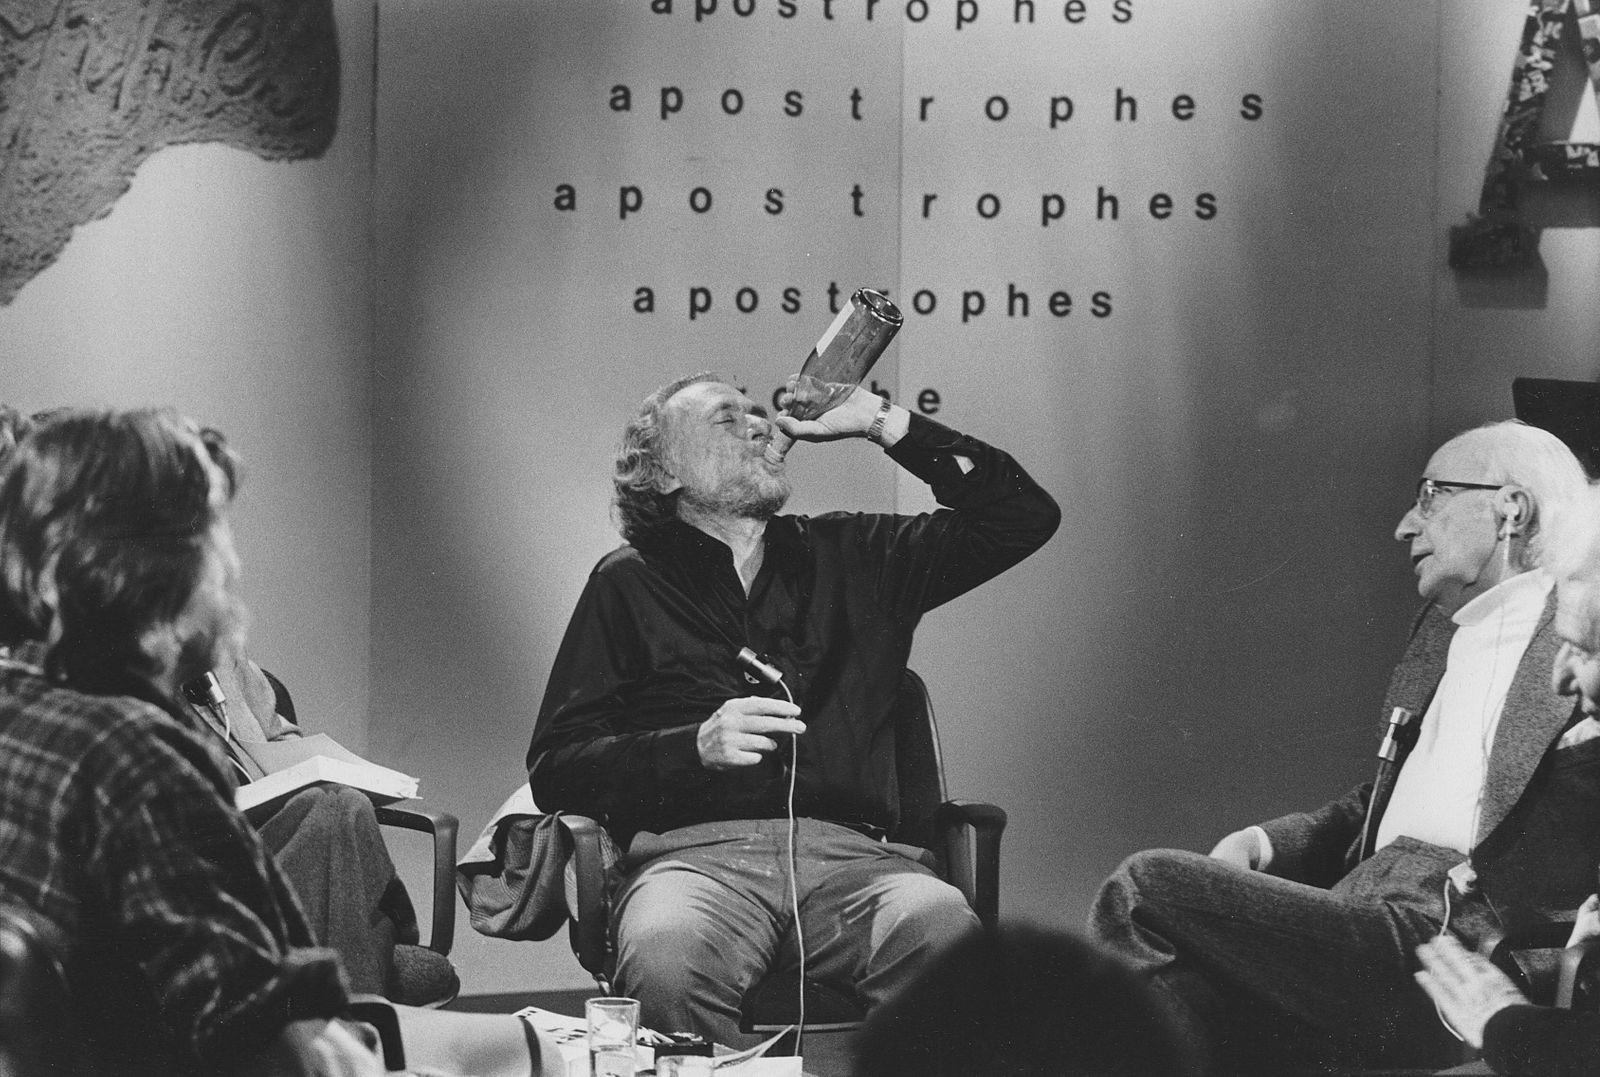 Portrait of Charles Bukowski, le 9 septembre 1978 emission apostrophe !AUFNAHMEDATUM GESCHÄTZT! PUBLICATIONxINxGERxSUIx